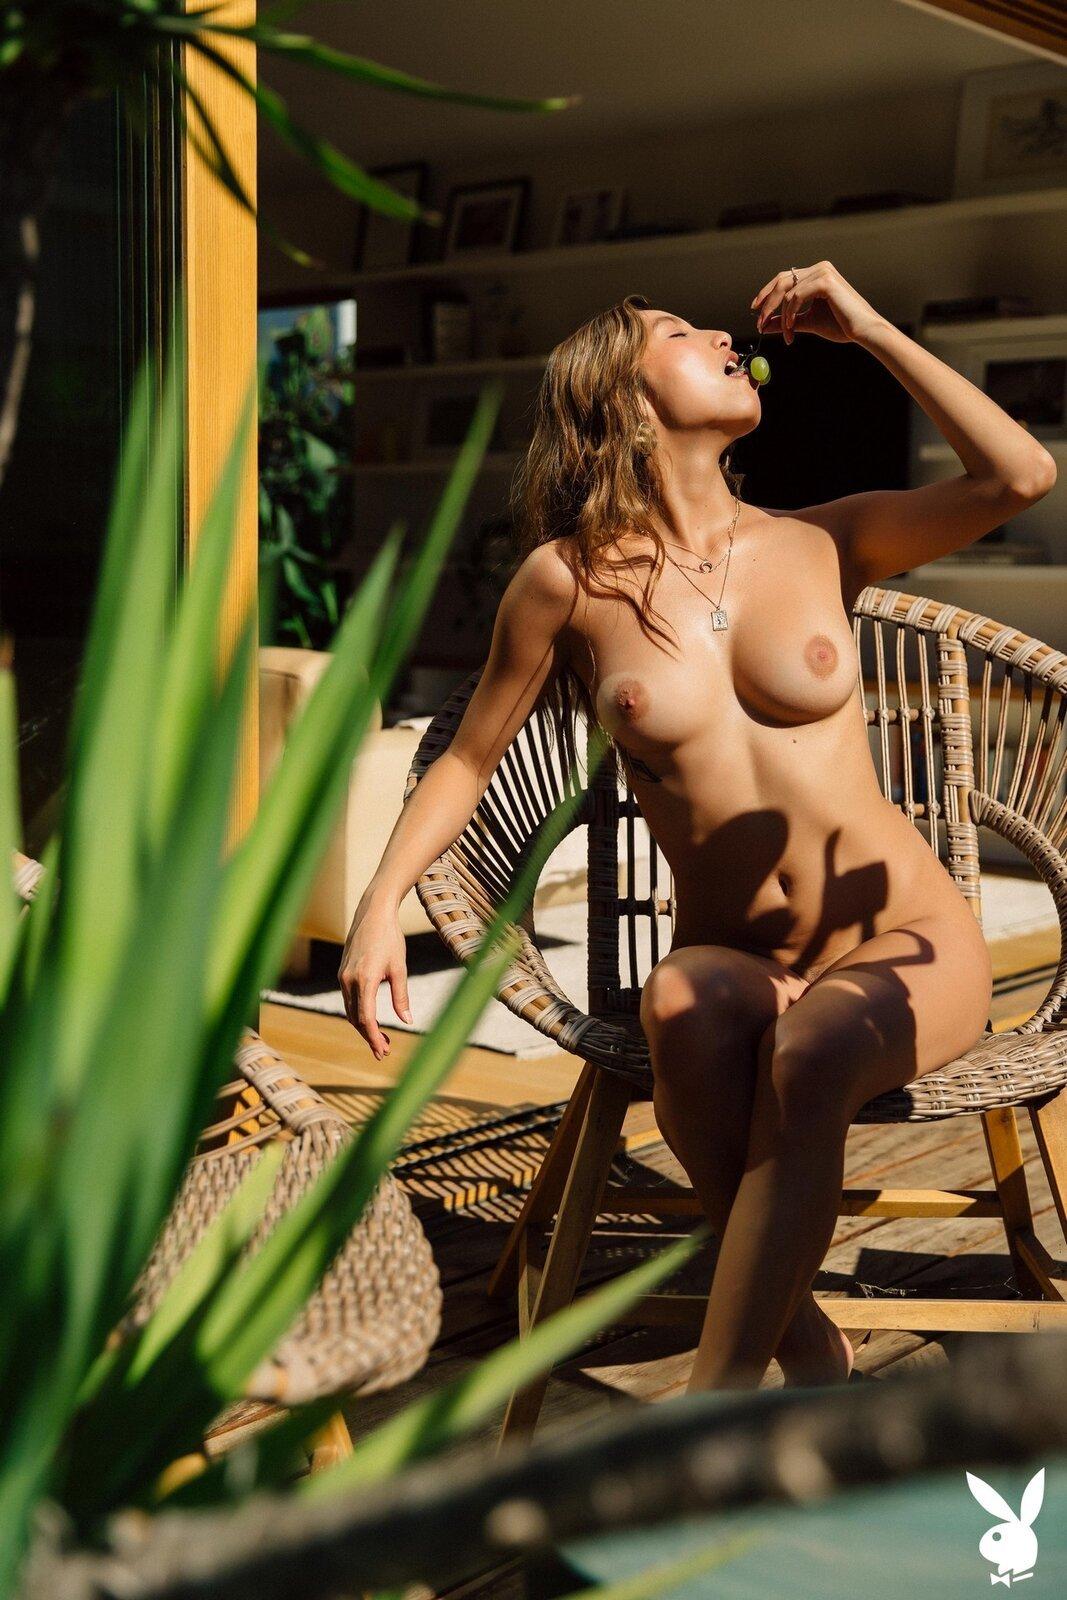 Горячая девушка загорает голышом